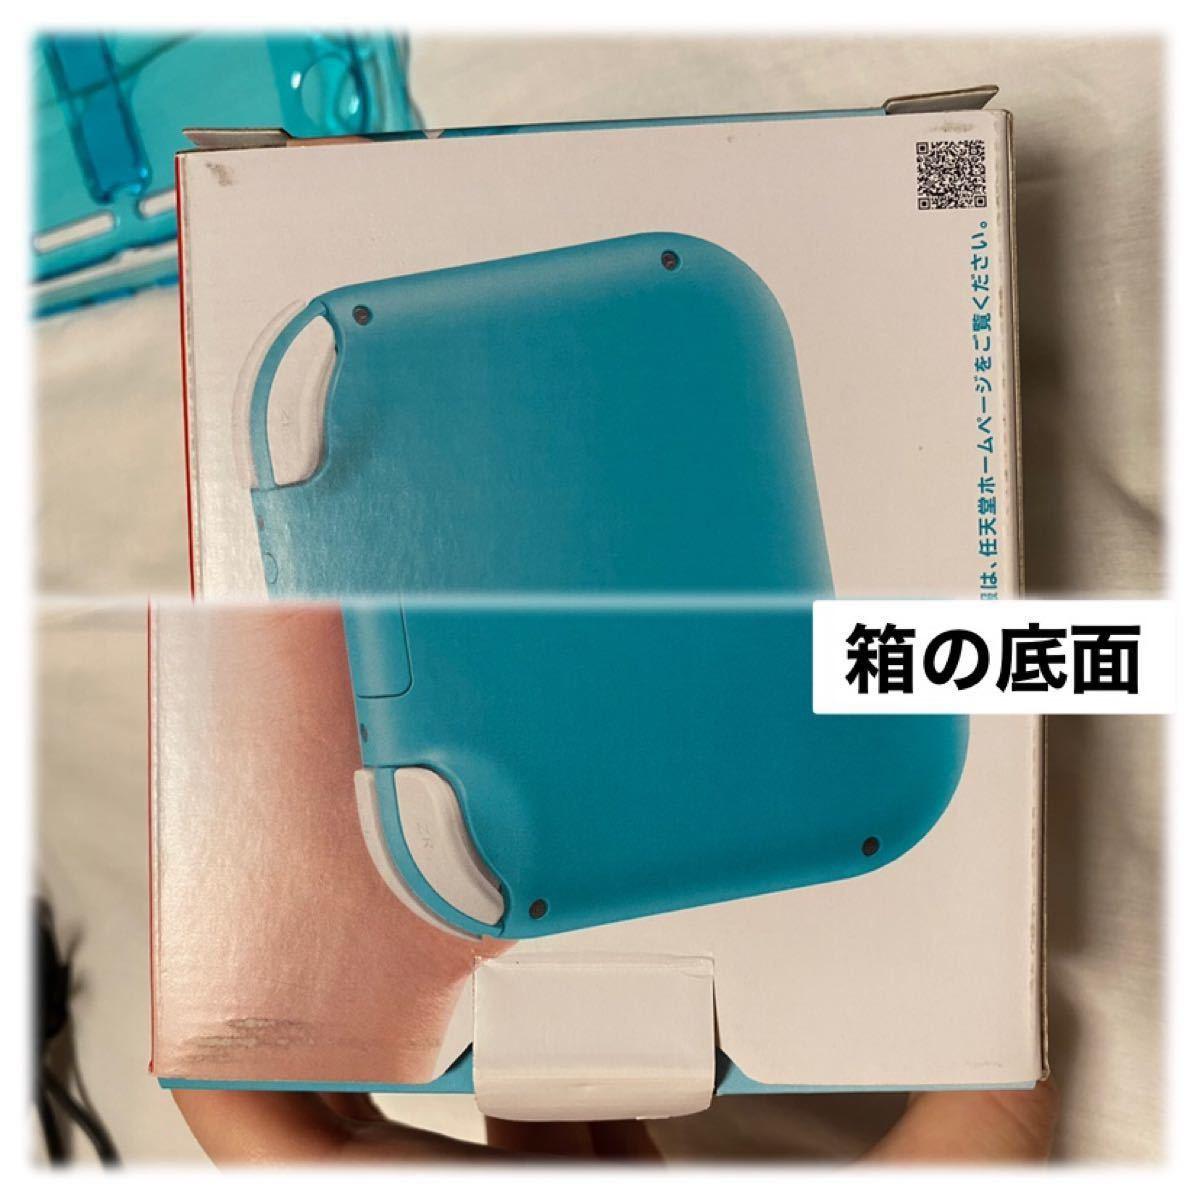 任天堂 スイッチライト Nintendo Switch Lite ターコイズ